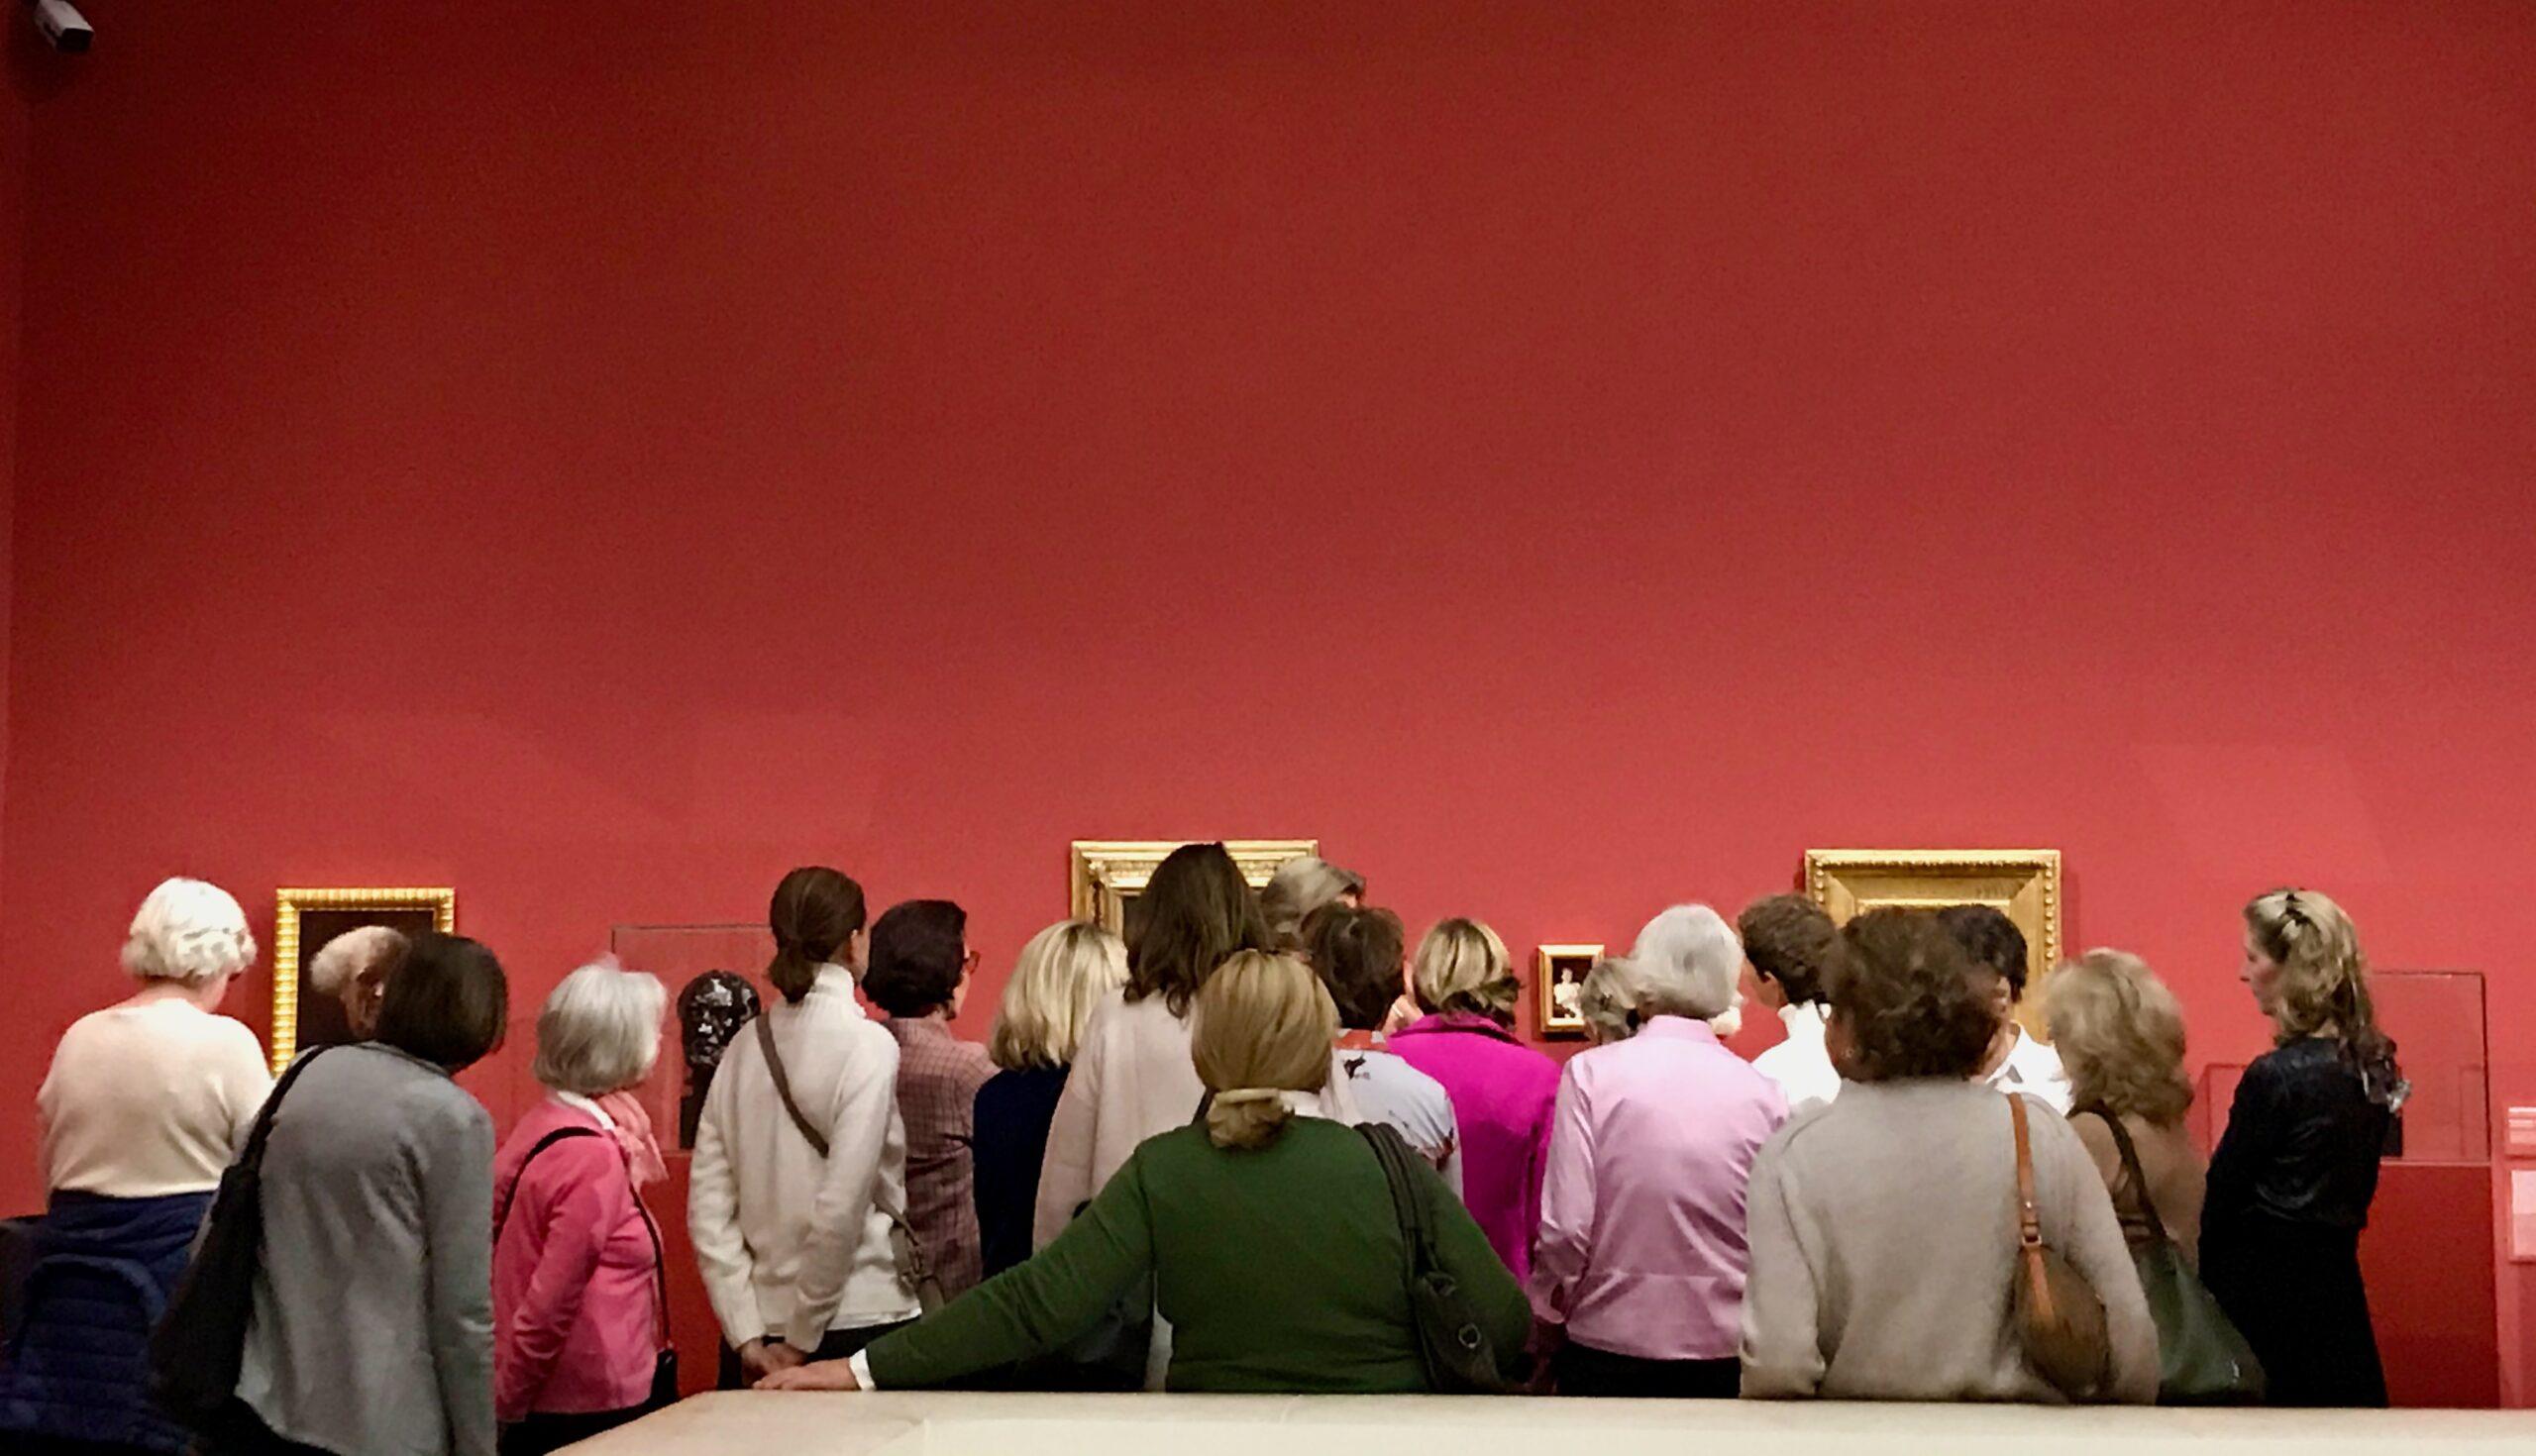 Na imagem vê-se o interior de um museu, um grupo de pessoas que se juntam numa visita guiada